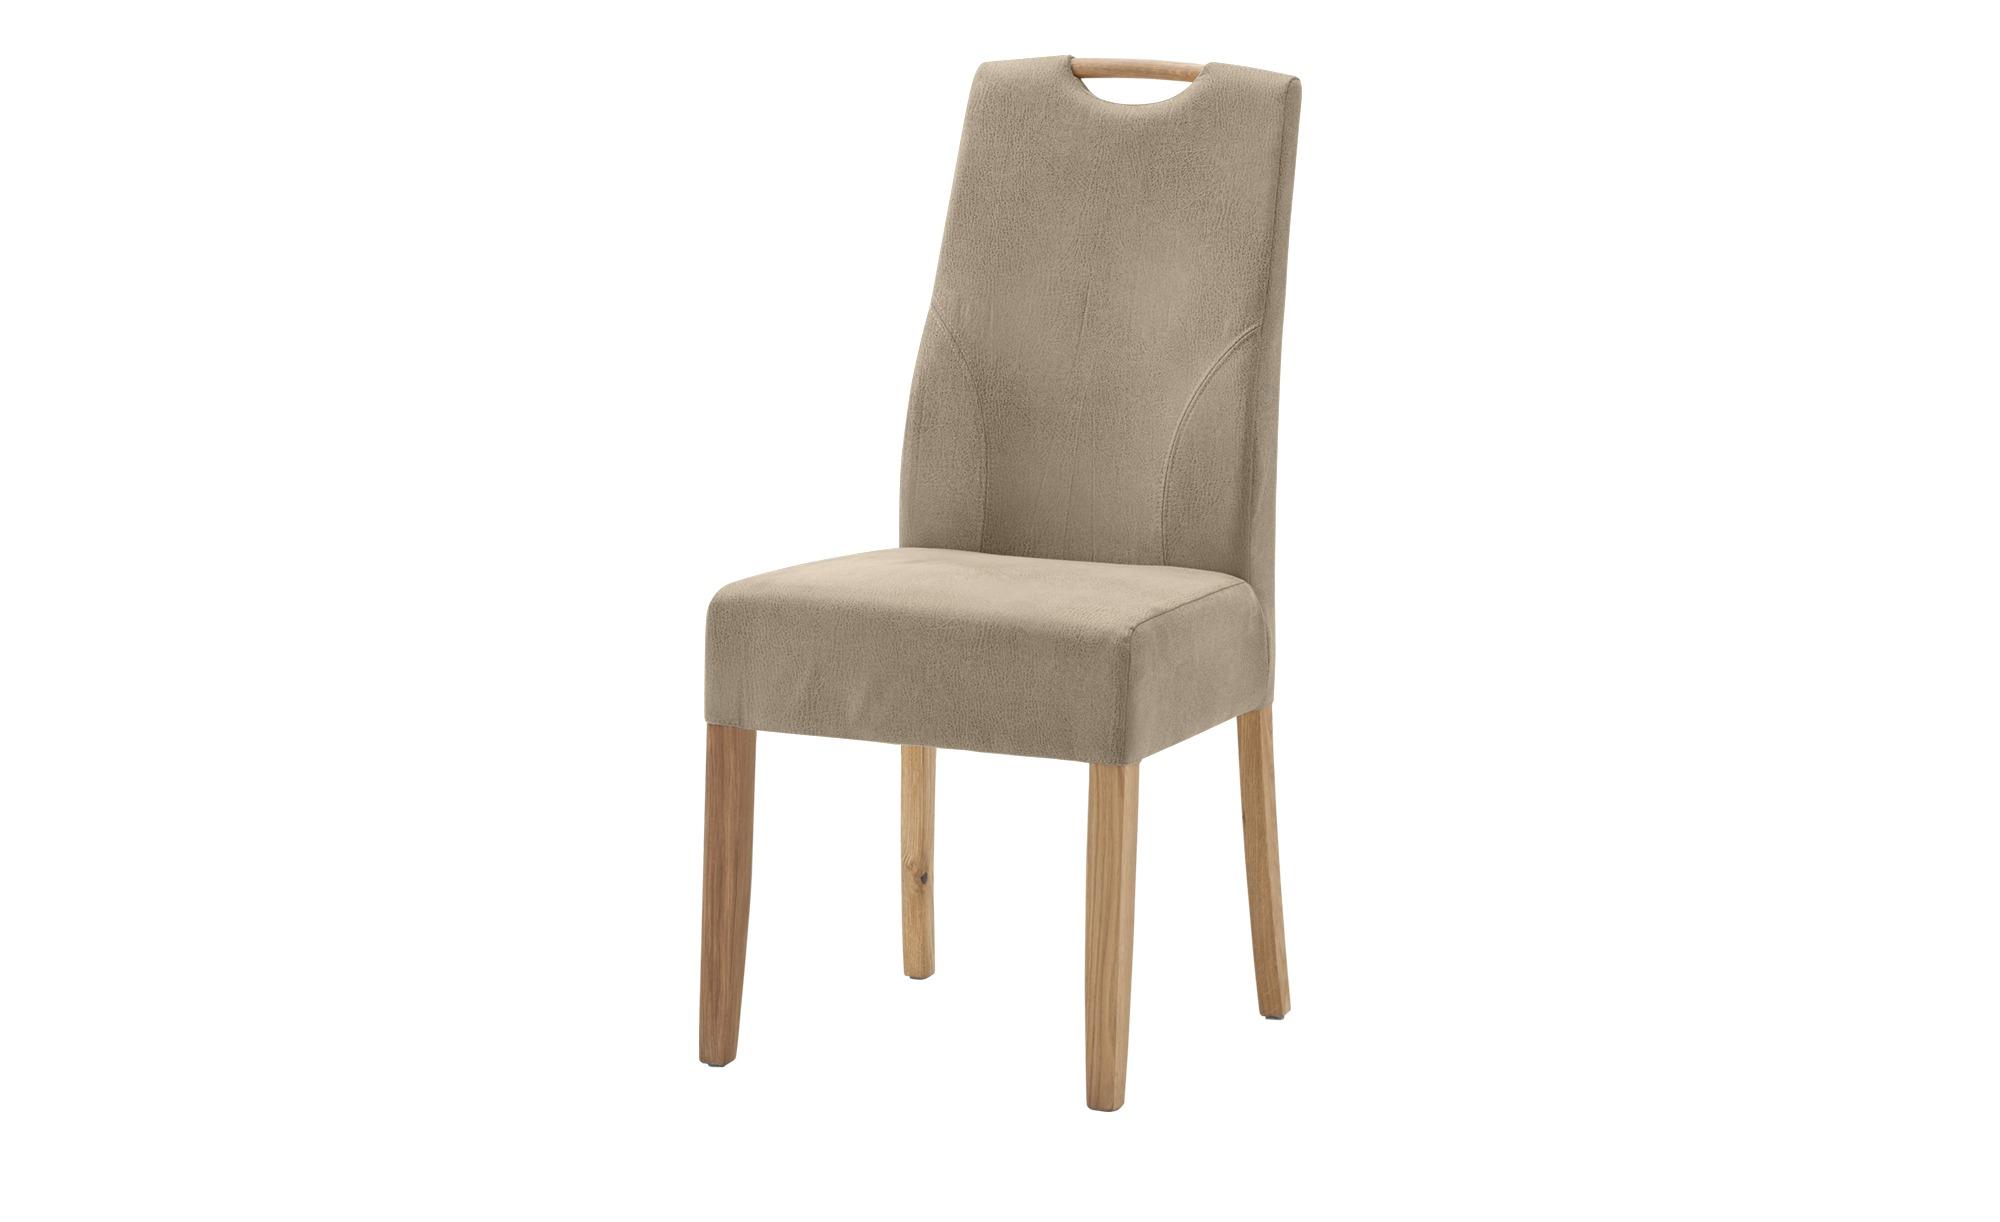 Stuhl Top Chairs Jetzt bestellen unter